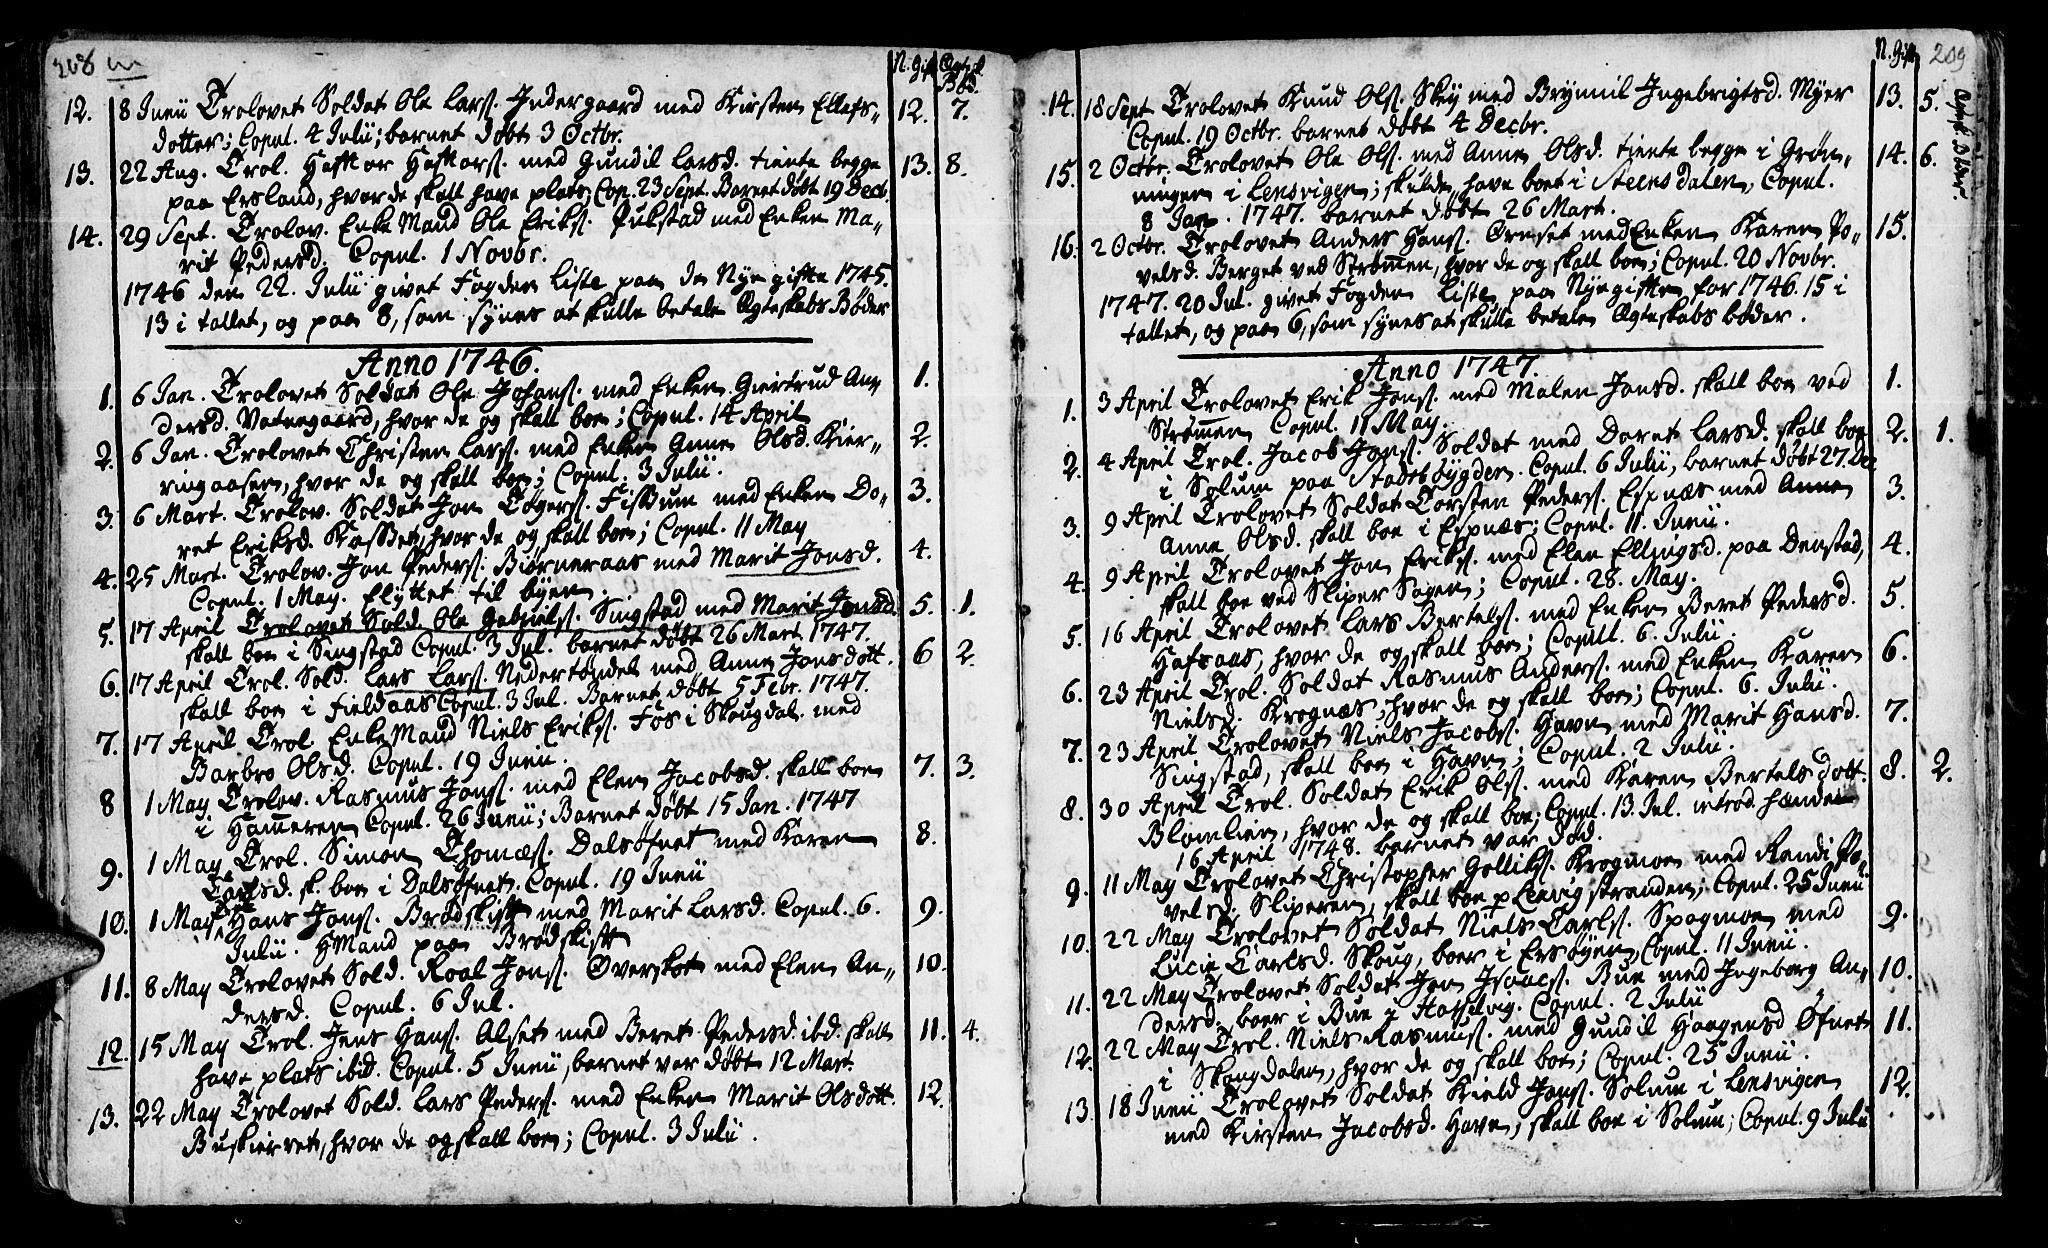 SAT, Ministerialprotokoller, klokkerbøker og fødselsregistre - Sør-Trøndelag, 646/L0604: Ministerialbok nr. 646A02, 1735-1750, s. 208-209